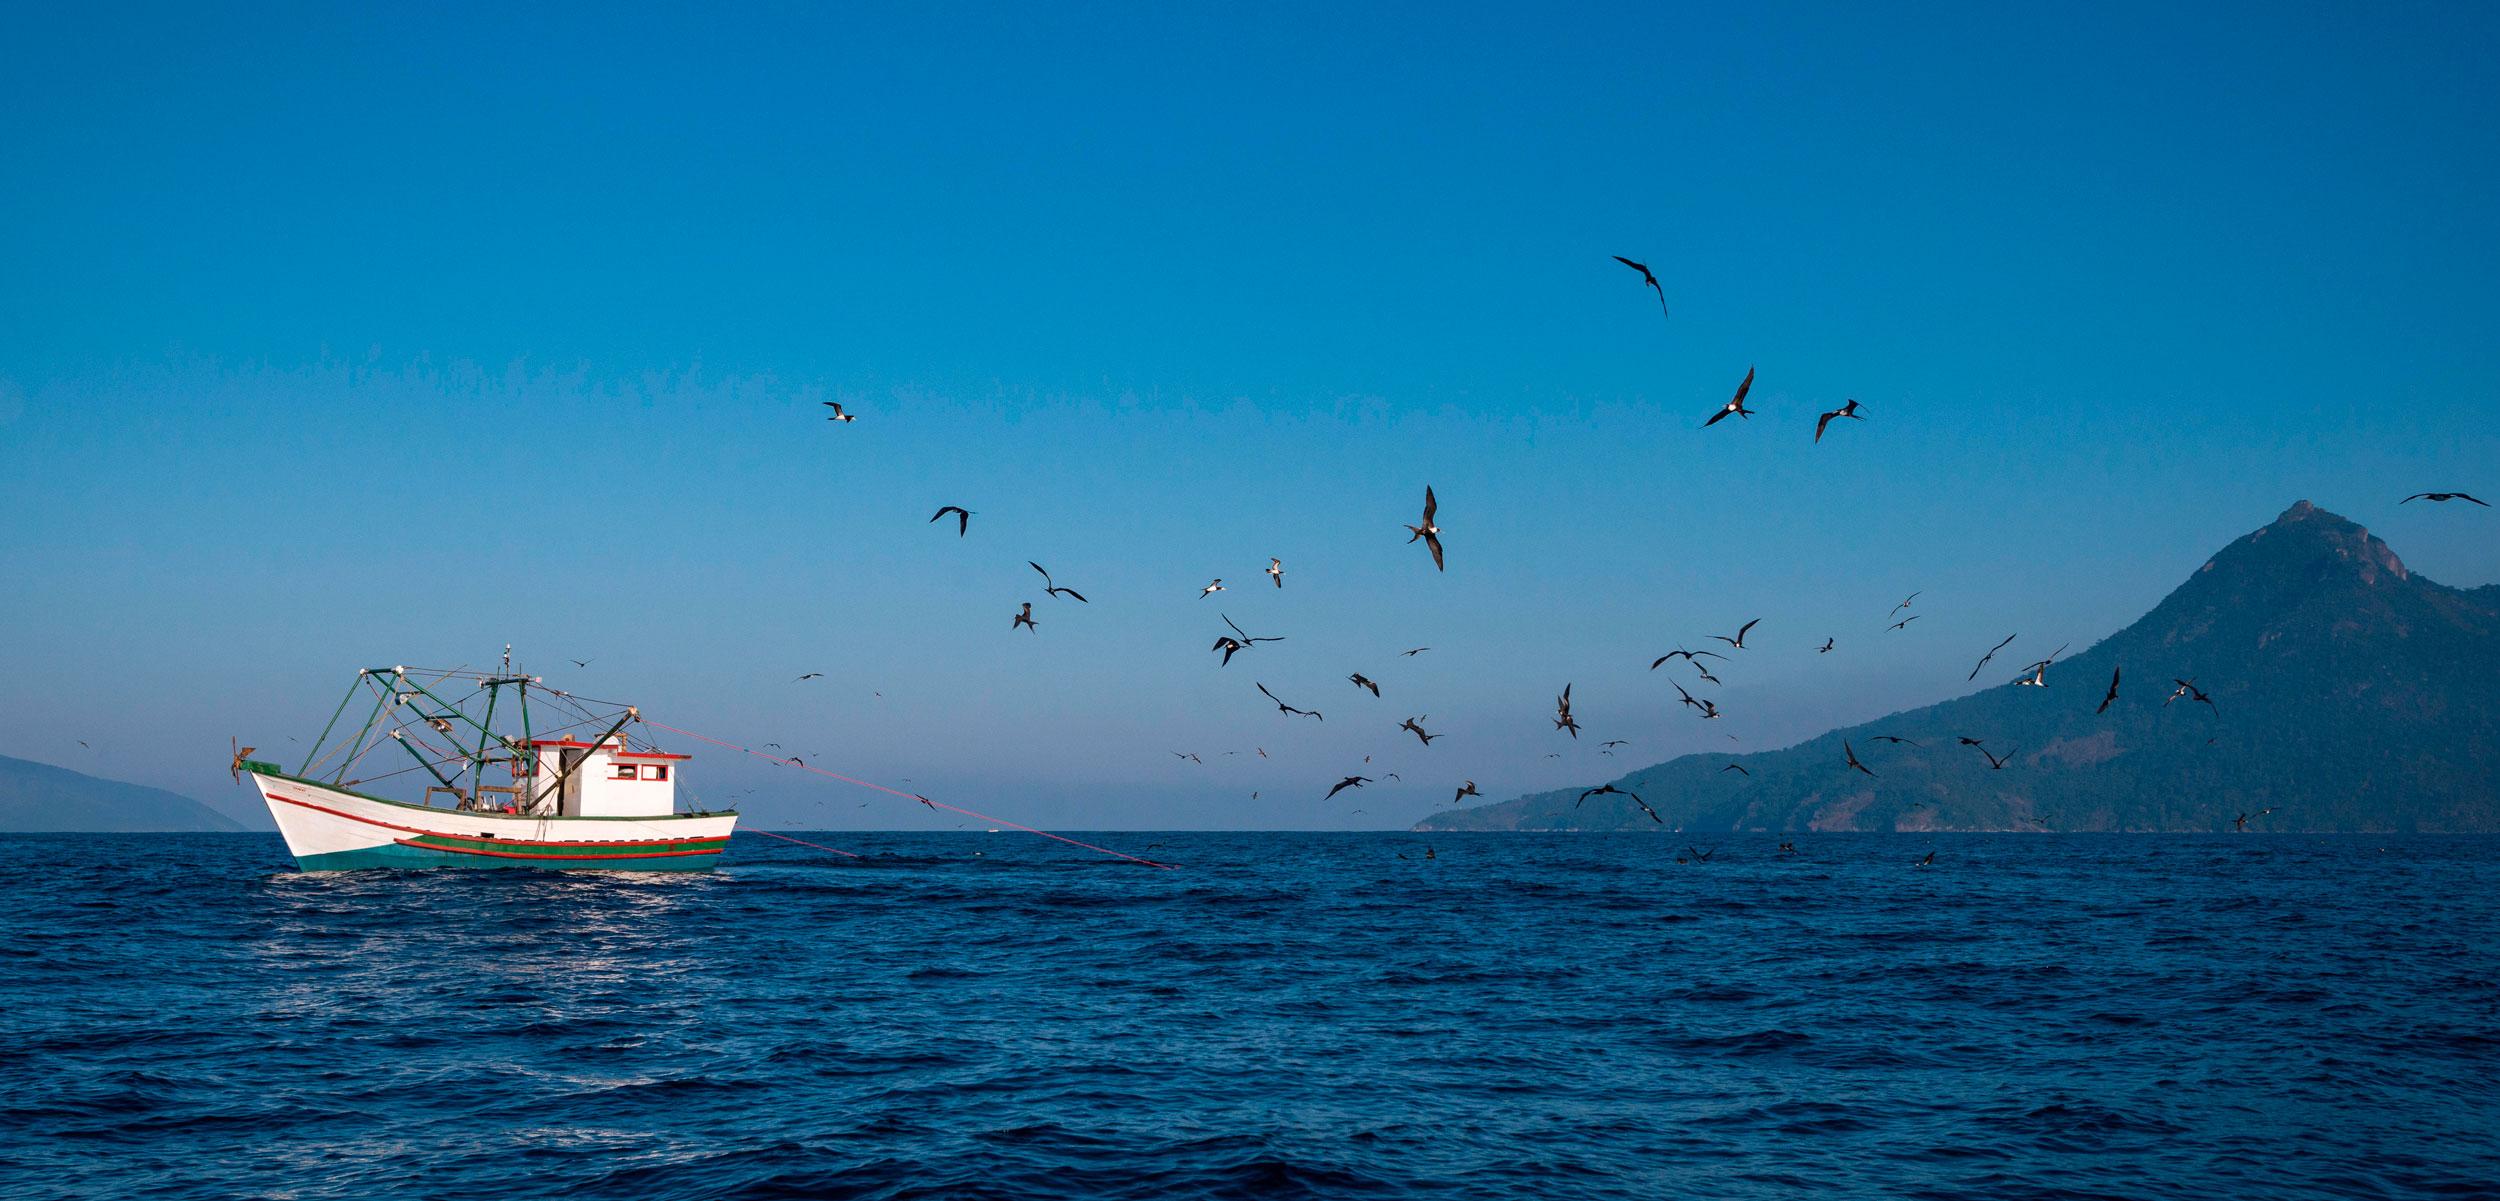 A fishing boat dragging a shrimp net in Brazil